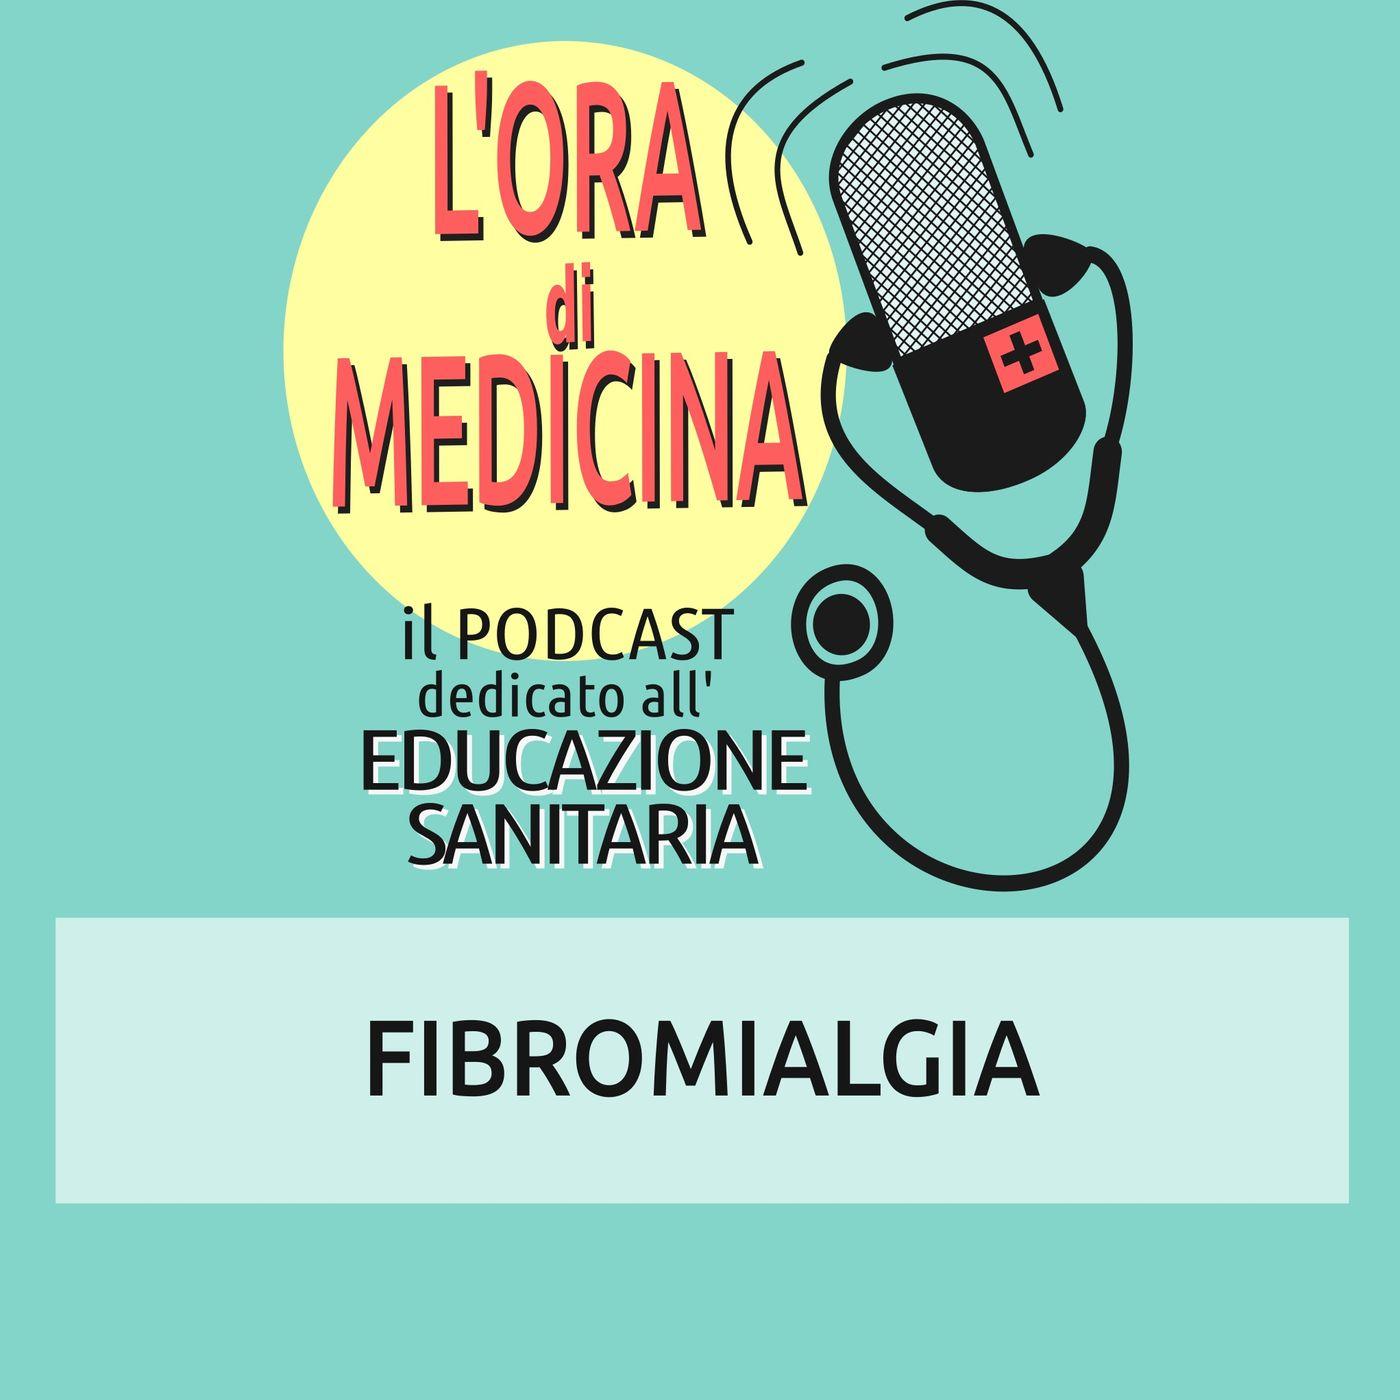 Ep. 81 | Fibromialgia